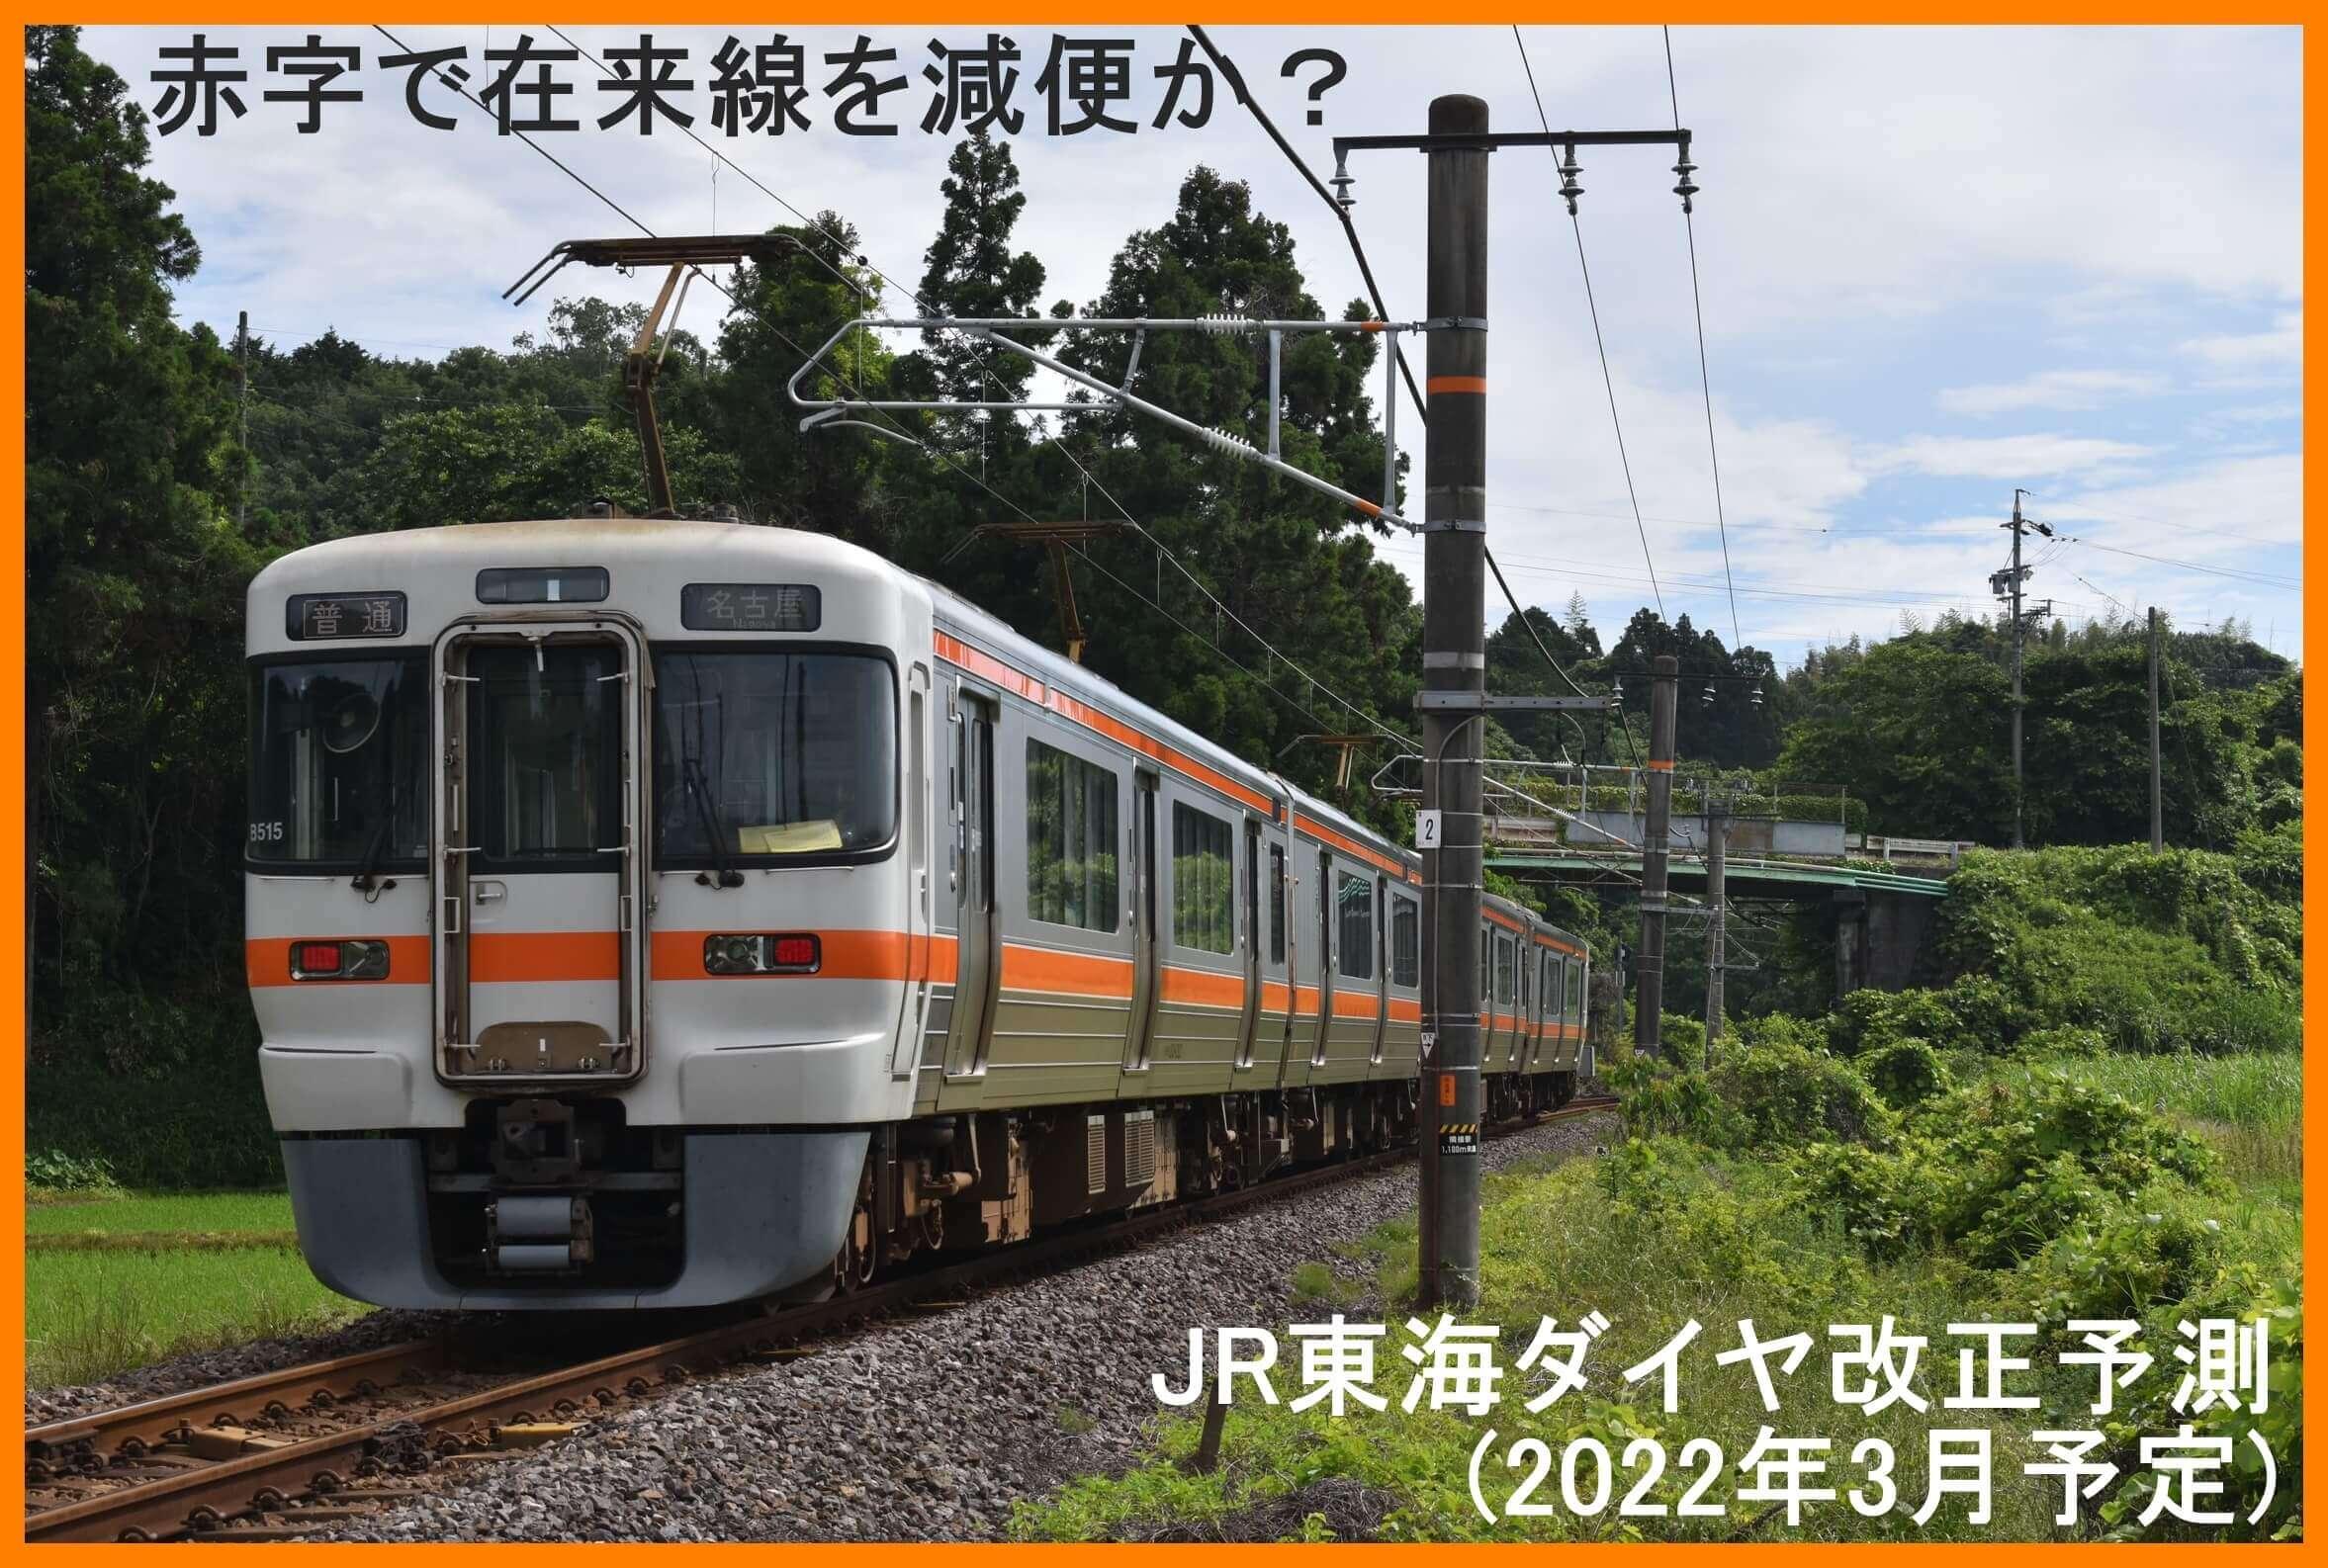 赤字で在来線を減便か? JR東海ダイヤ改正予測(2022年3月予定)